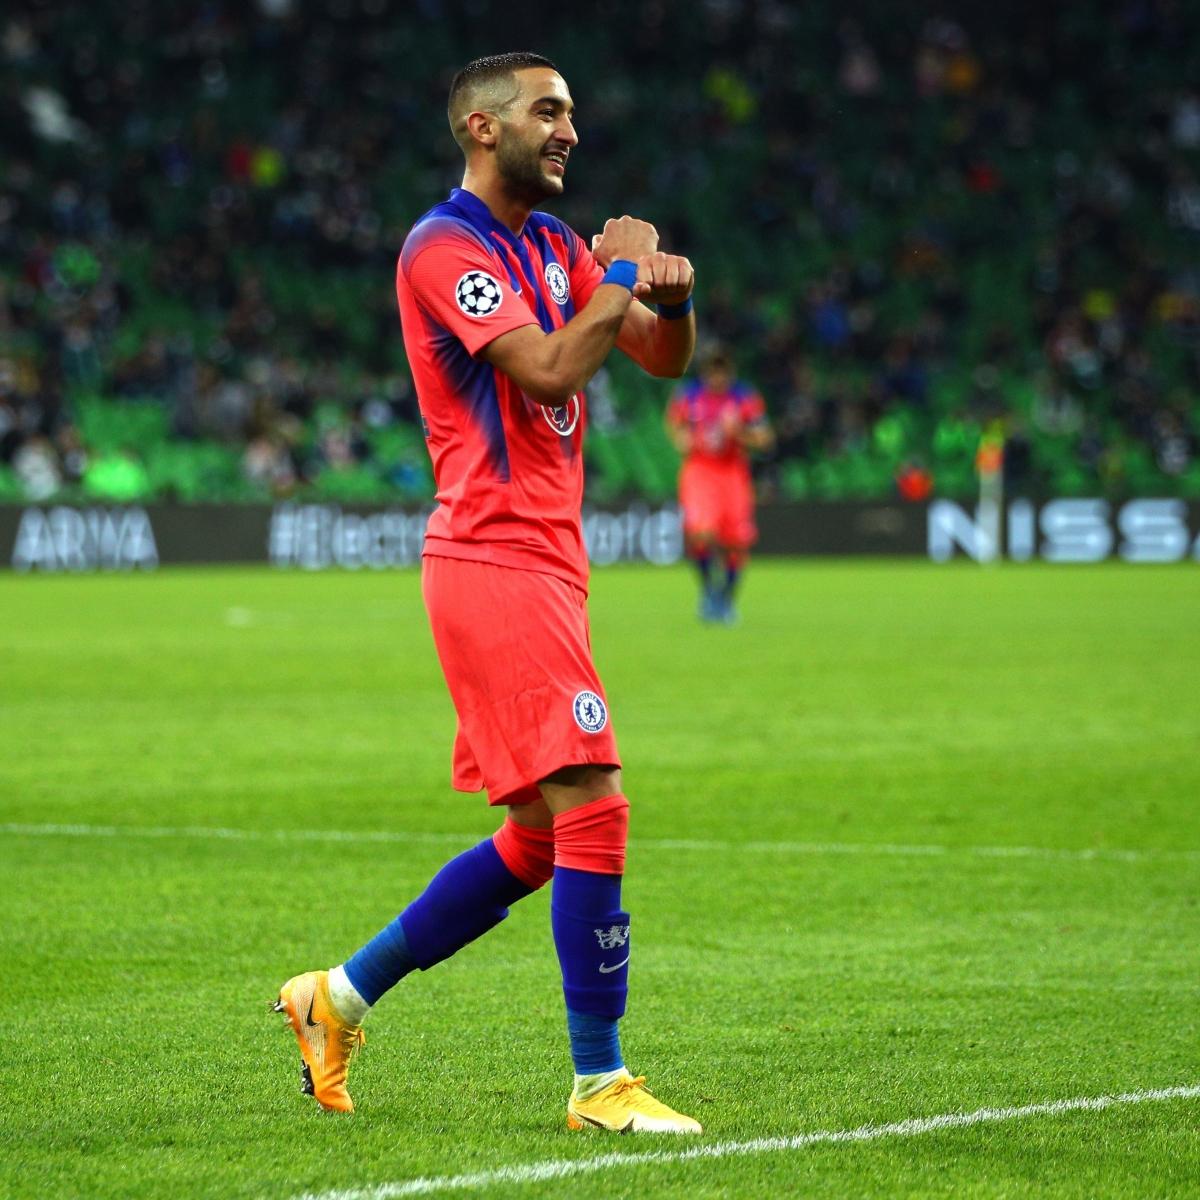 Chelsea giành chiến thắng 4-0 trên đất Nga (Ảnh: Getty).